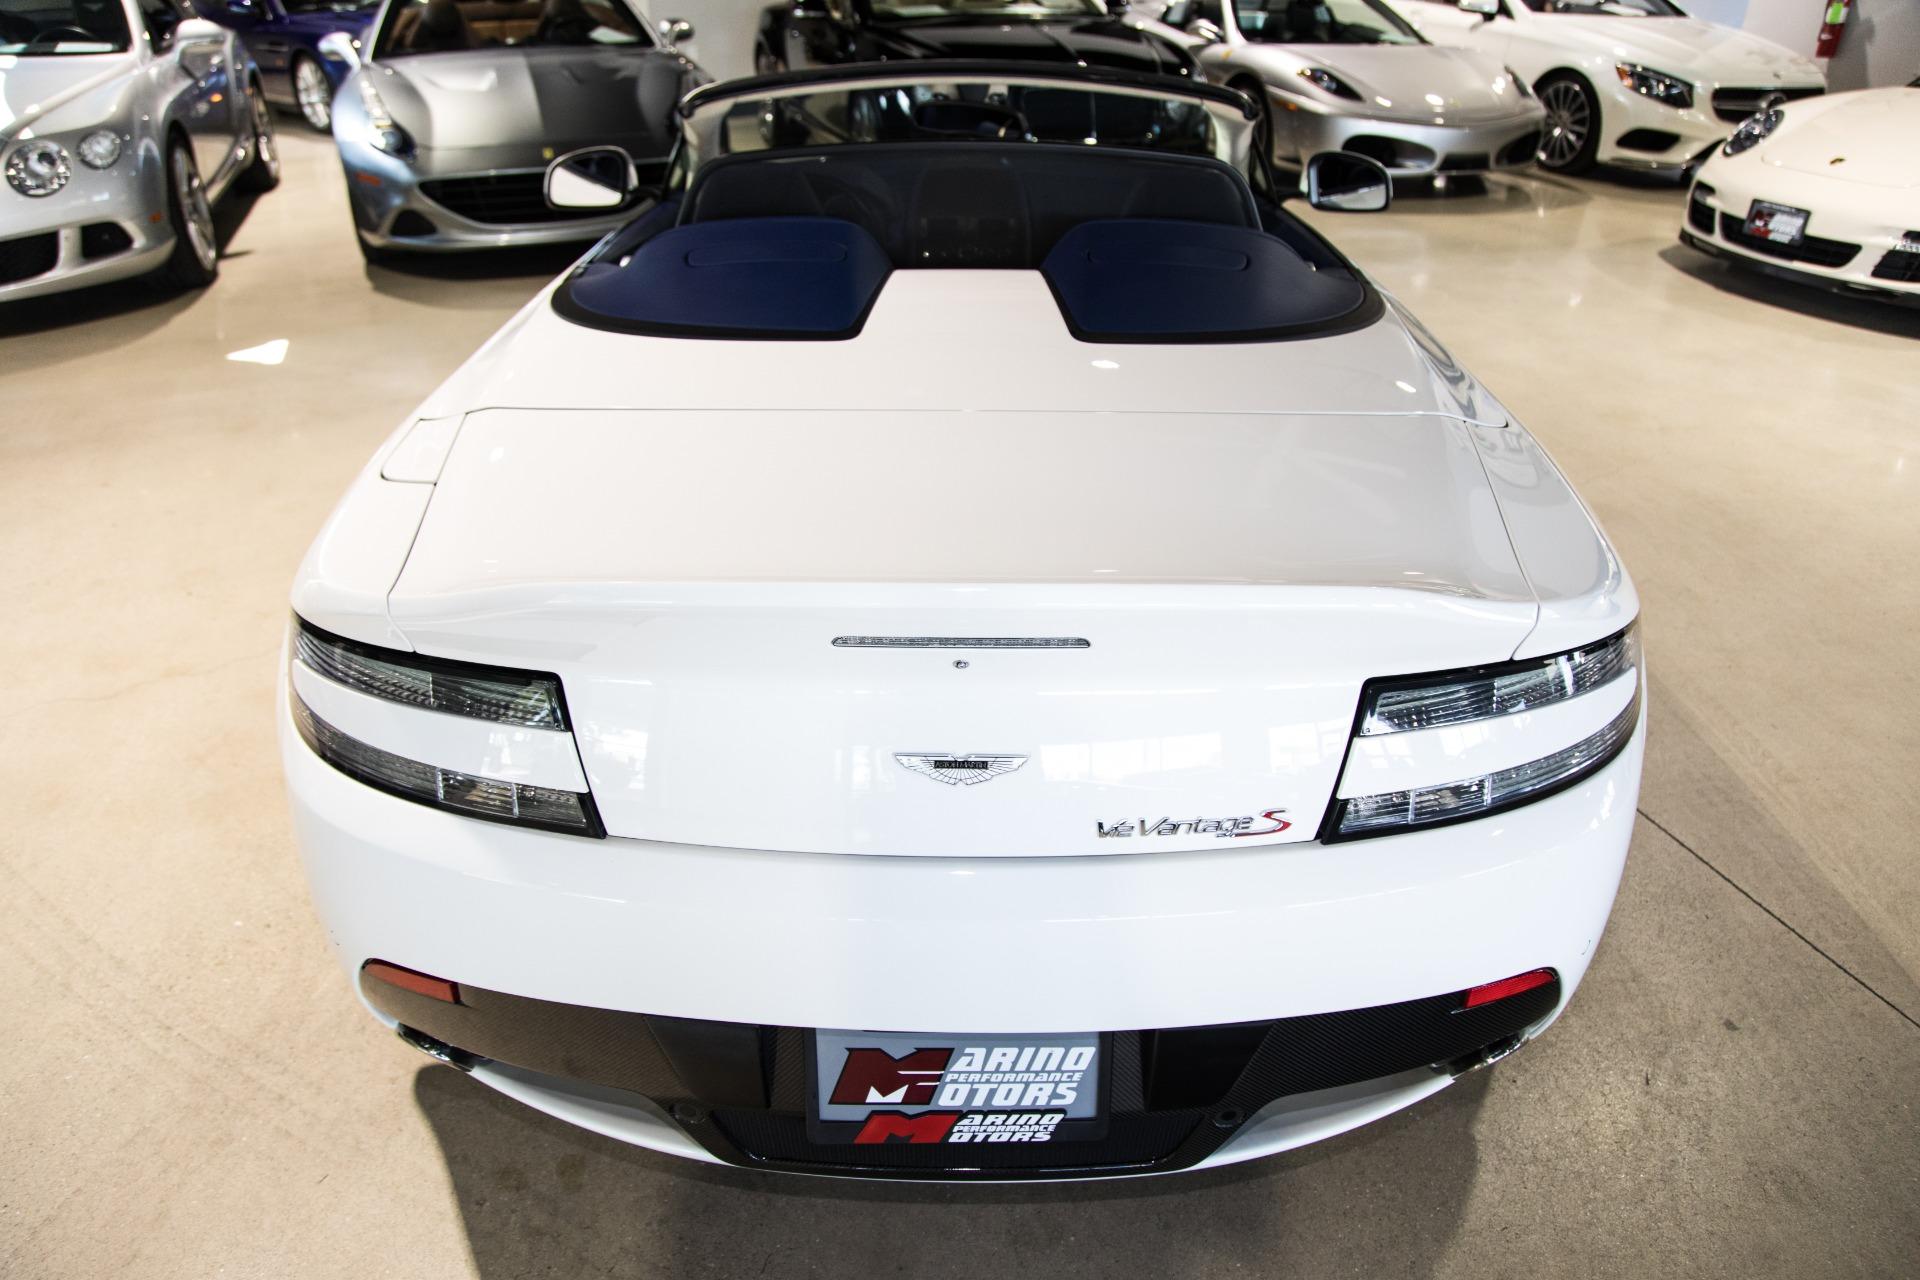 Used-2015-Aston-Martin-V12-Vantage-S-Roadster